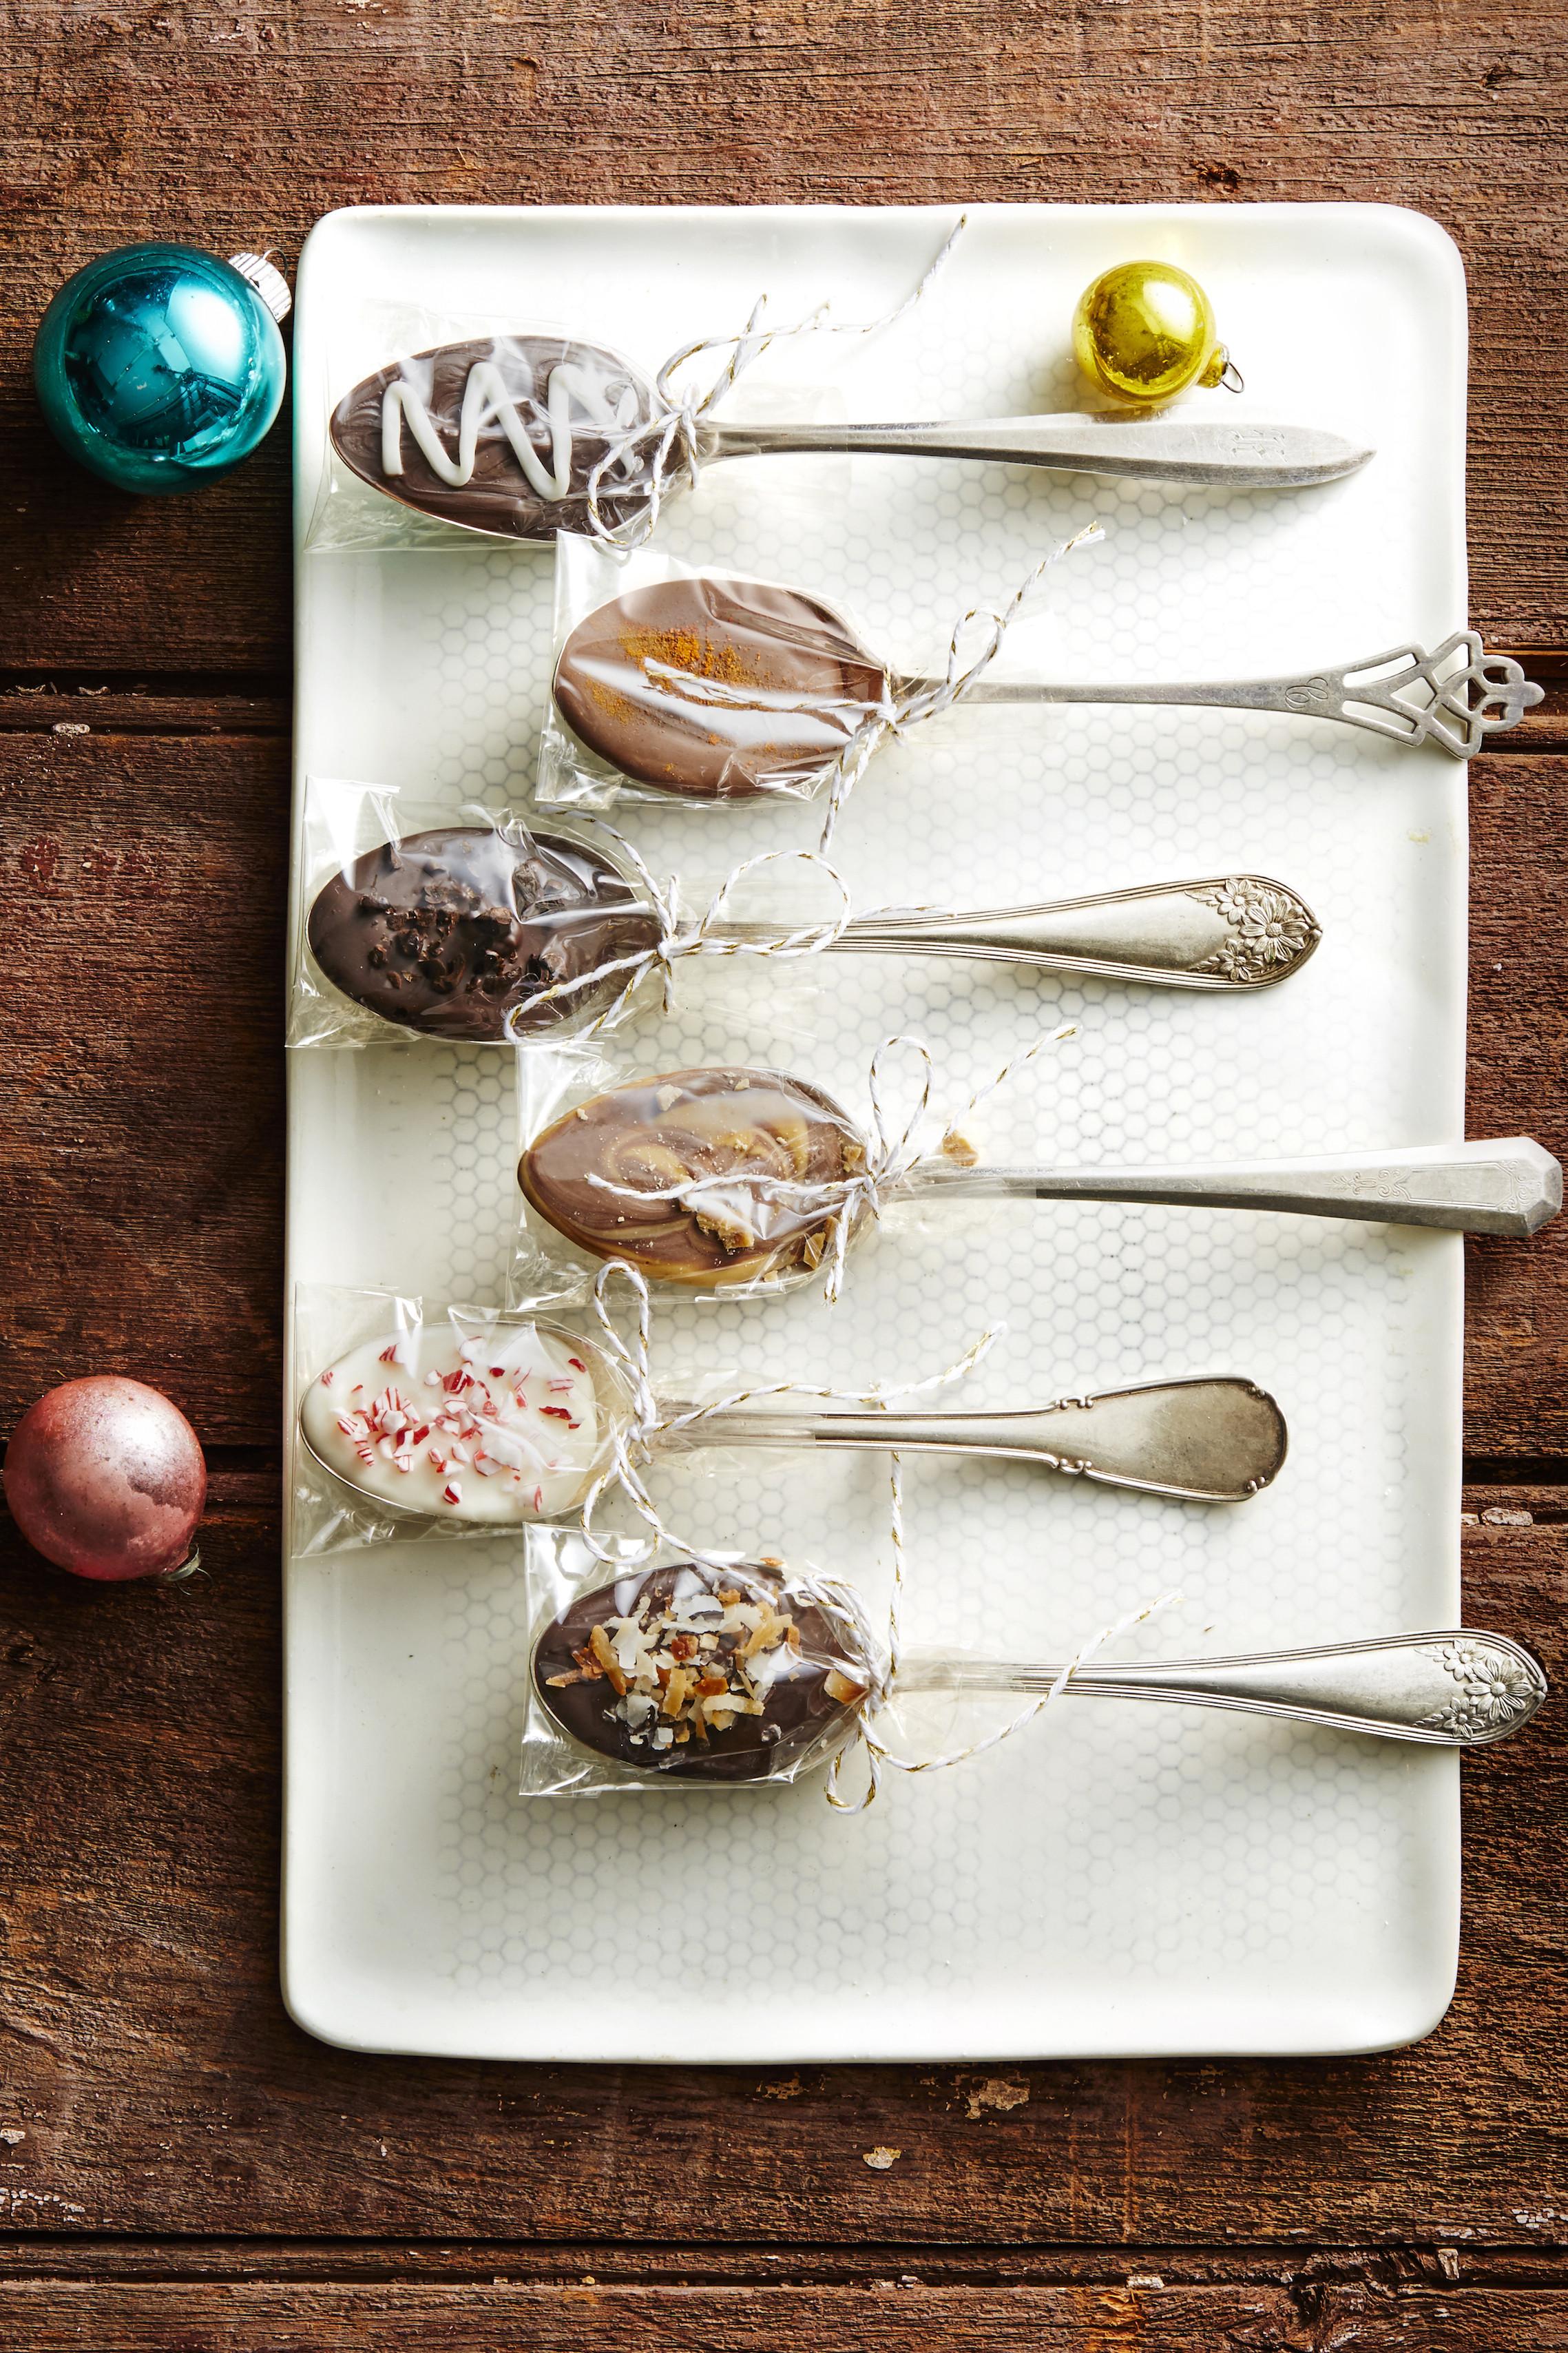 Diy Christmas Food Gifts  50 Homemade Christmas Food Gifts DIY Ideas for Edible